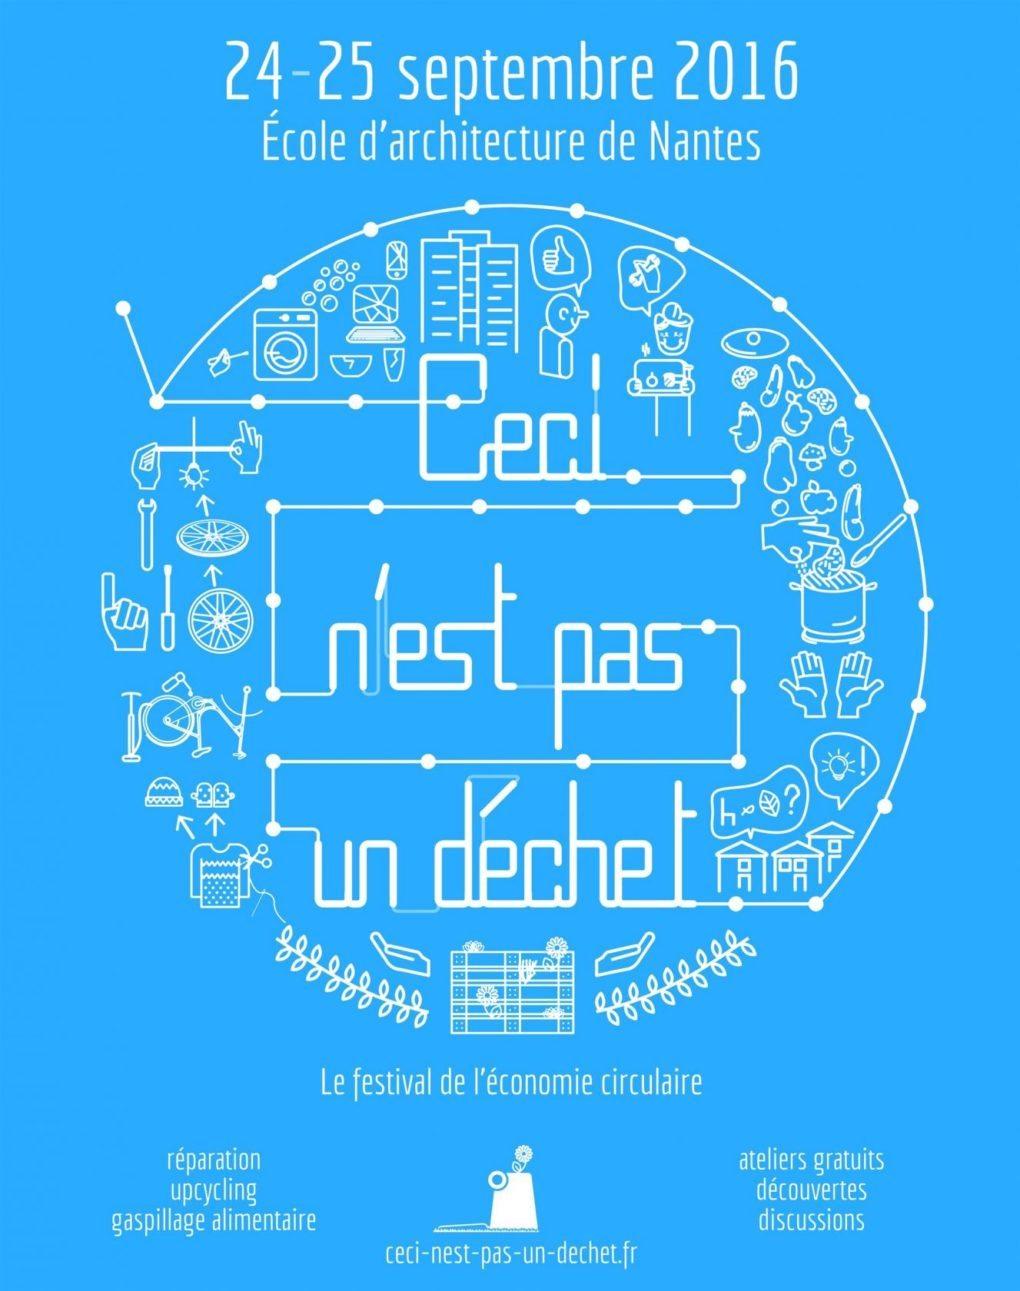 Ceci n'est pas un déchet - Le festival de l'économie circulaire Nantes